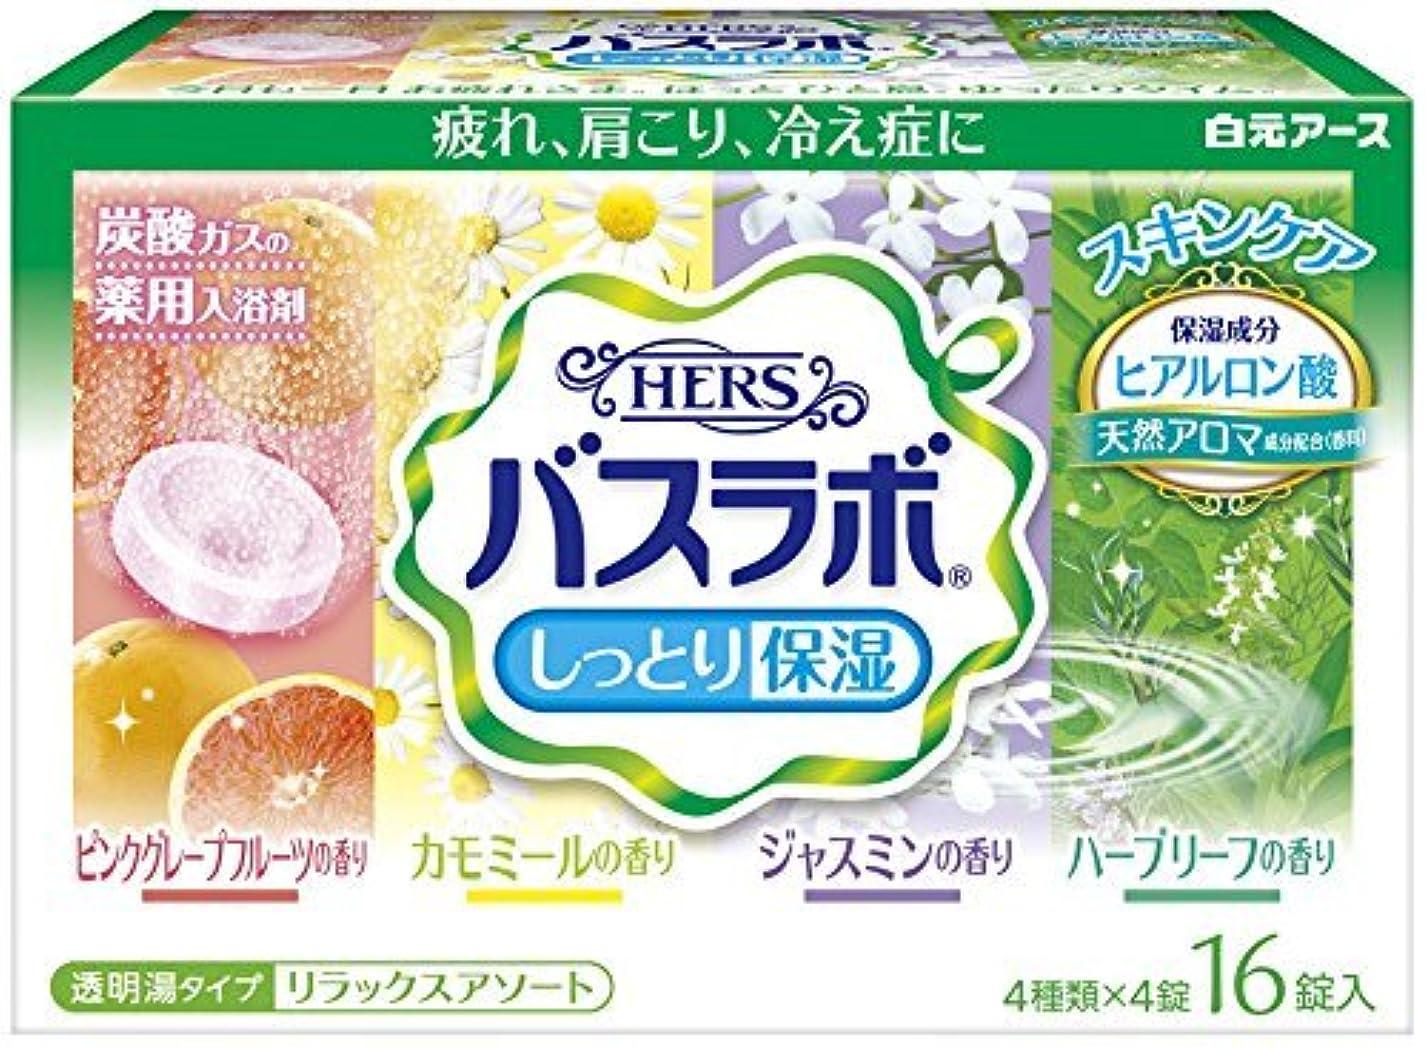 化石小道先生HERS バスラボ しっとり保湿 薬用入浴剤 リラックスアソート 4種類×4錠入